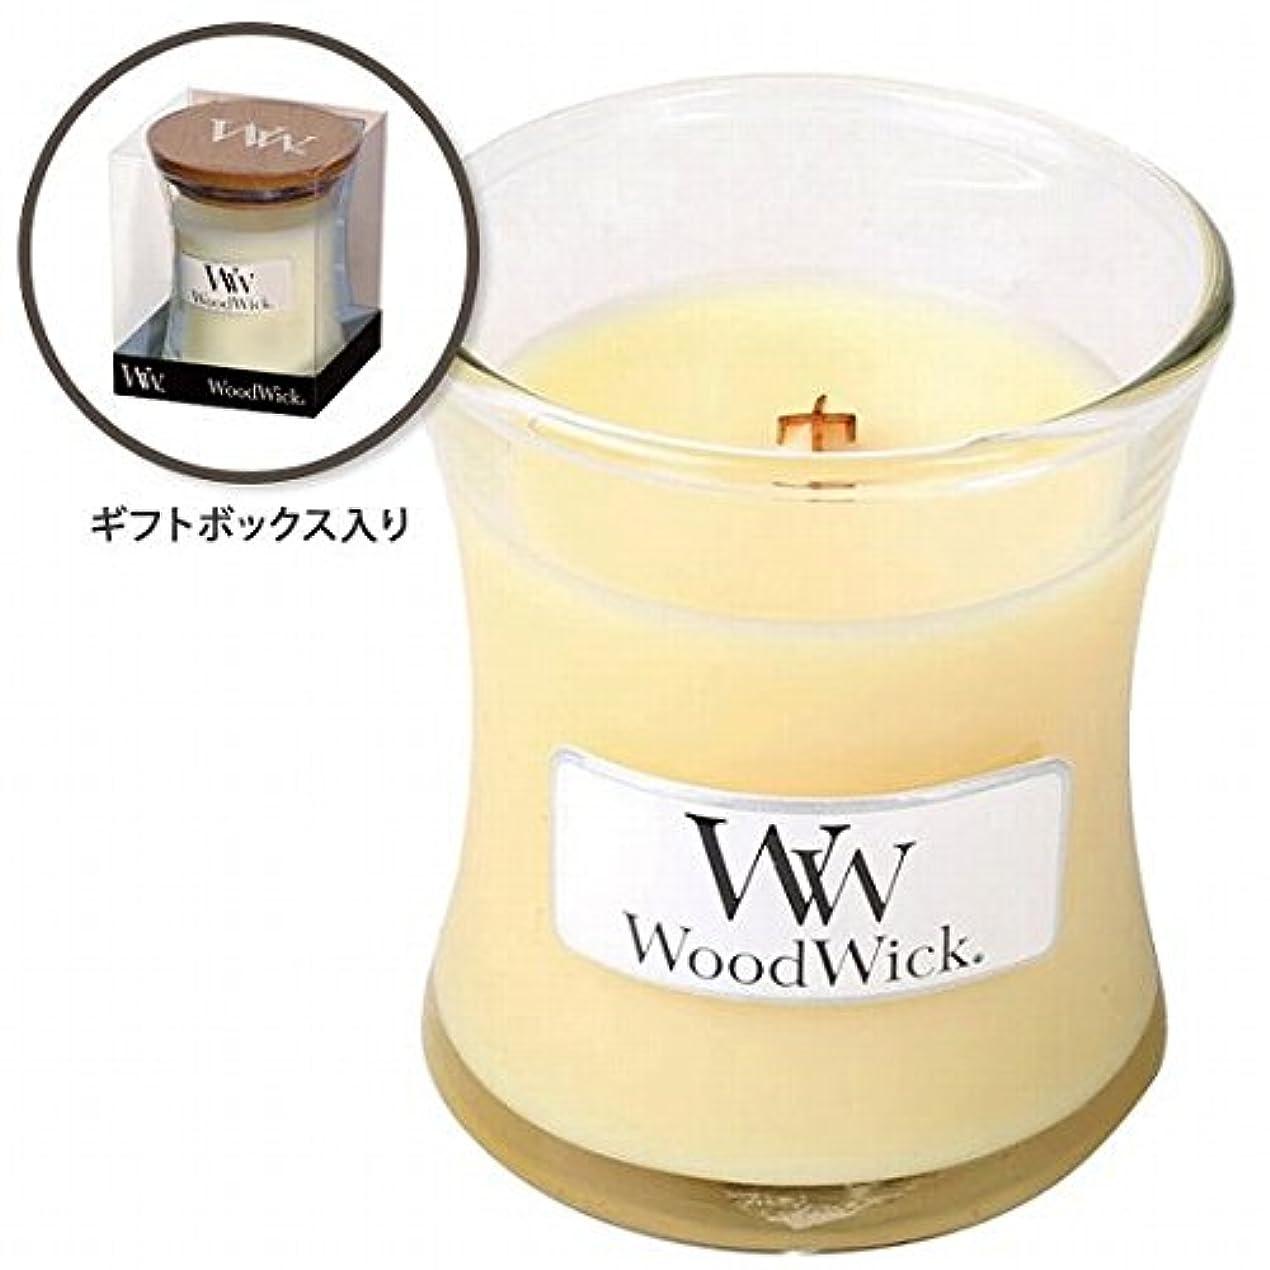 読書をするきらめき熱狂的なWoodWick(ウッドウィック) Wood WickジャーS 「レモングラス&リリー」(W9000550)